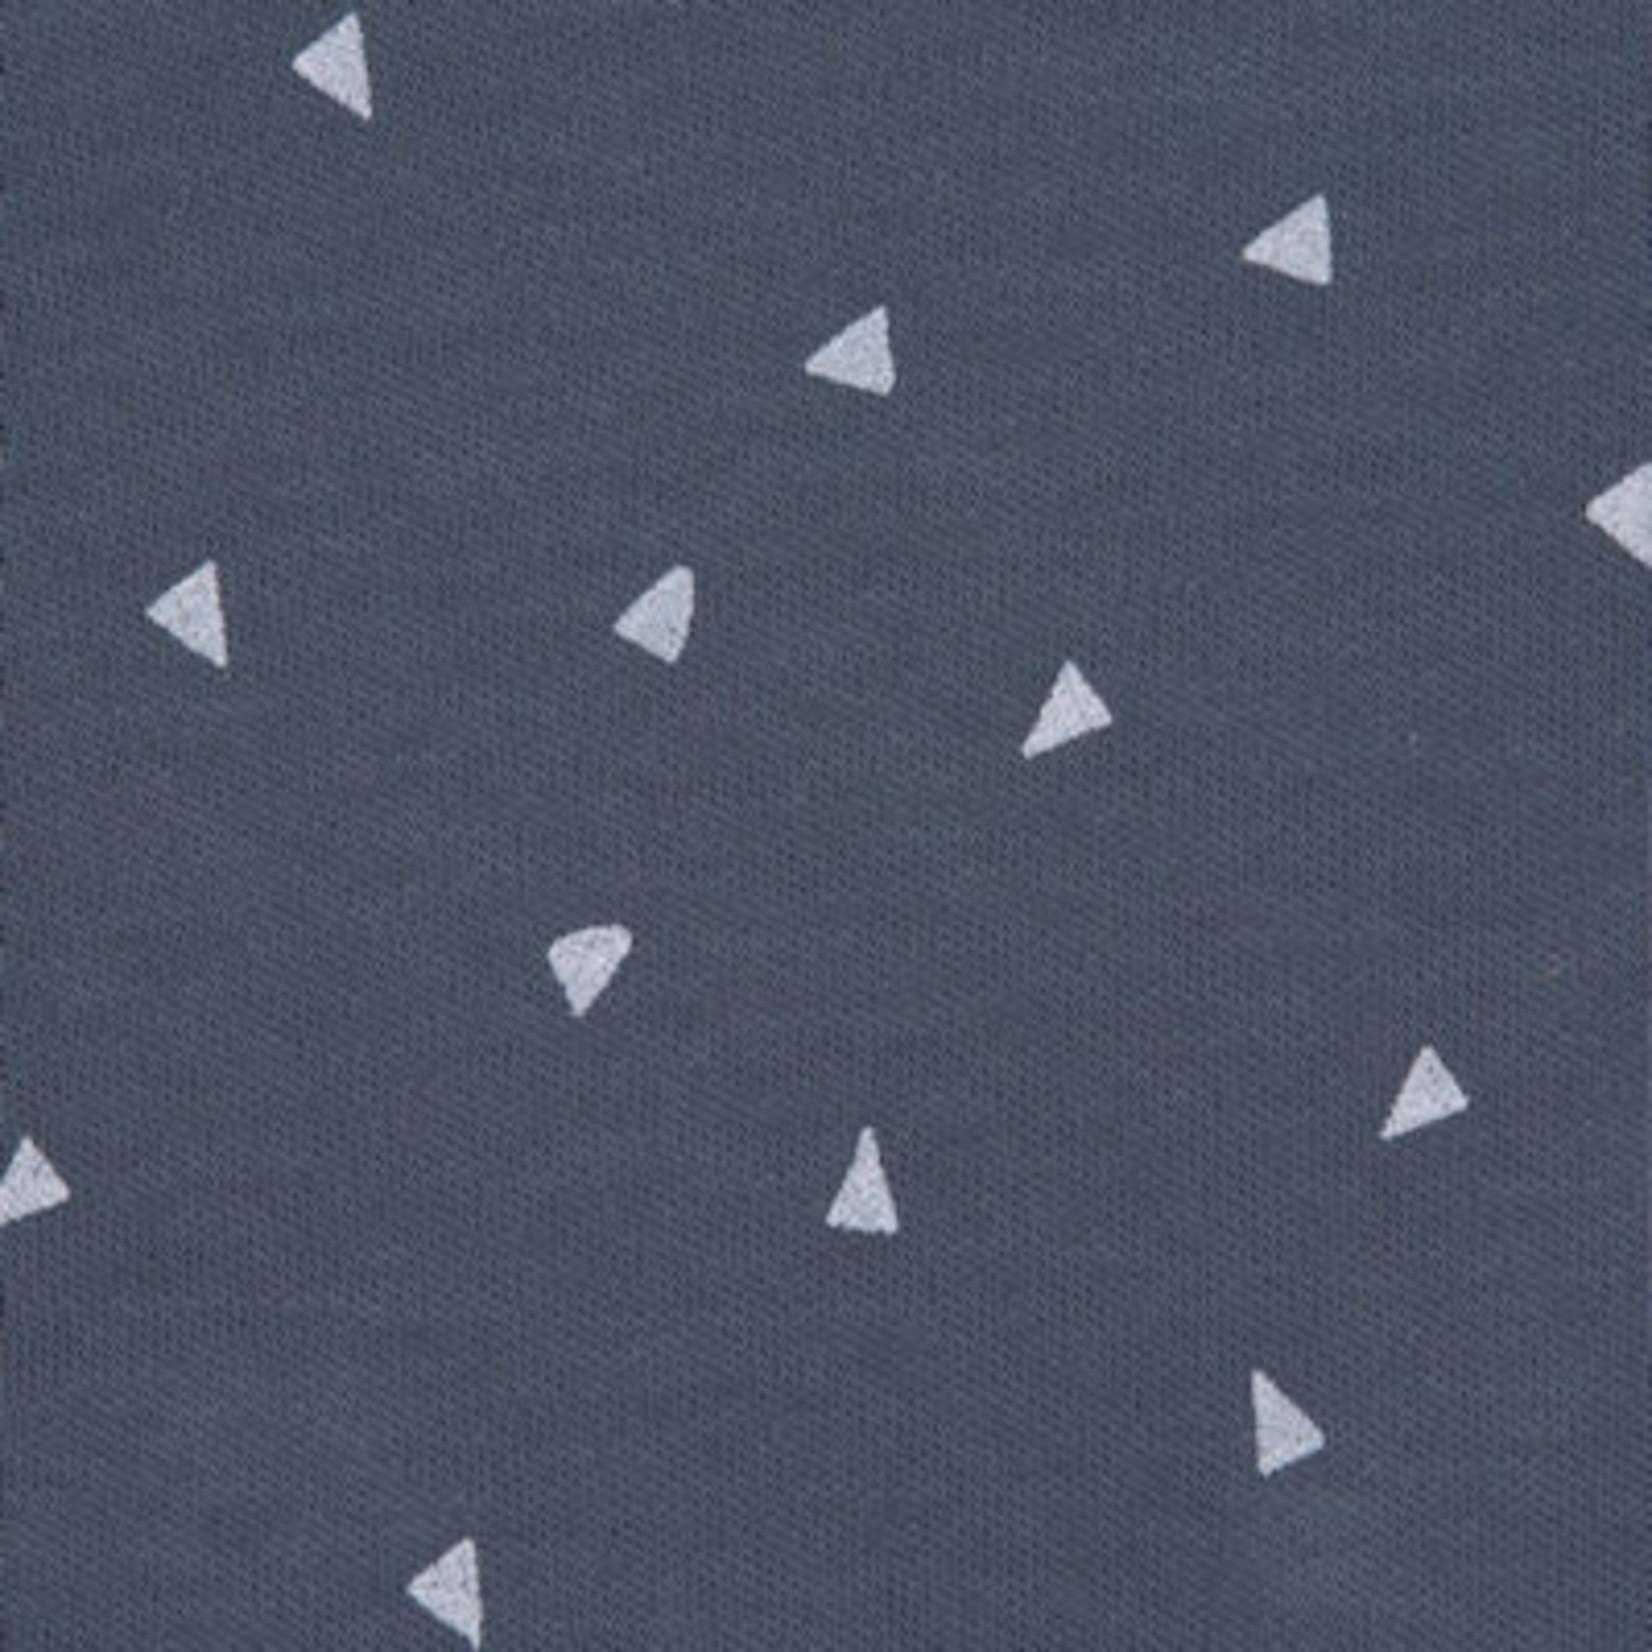 Lässig Romper korte mouw blauw triangel, GOTS